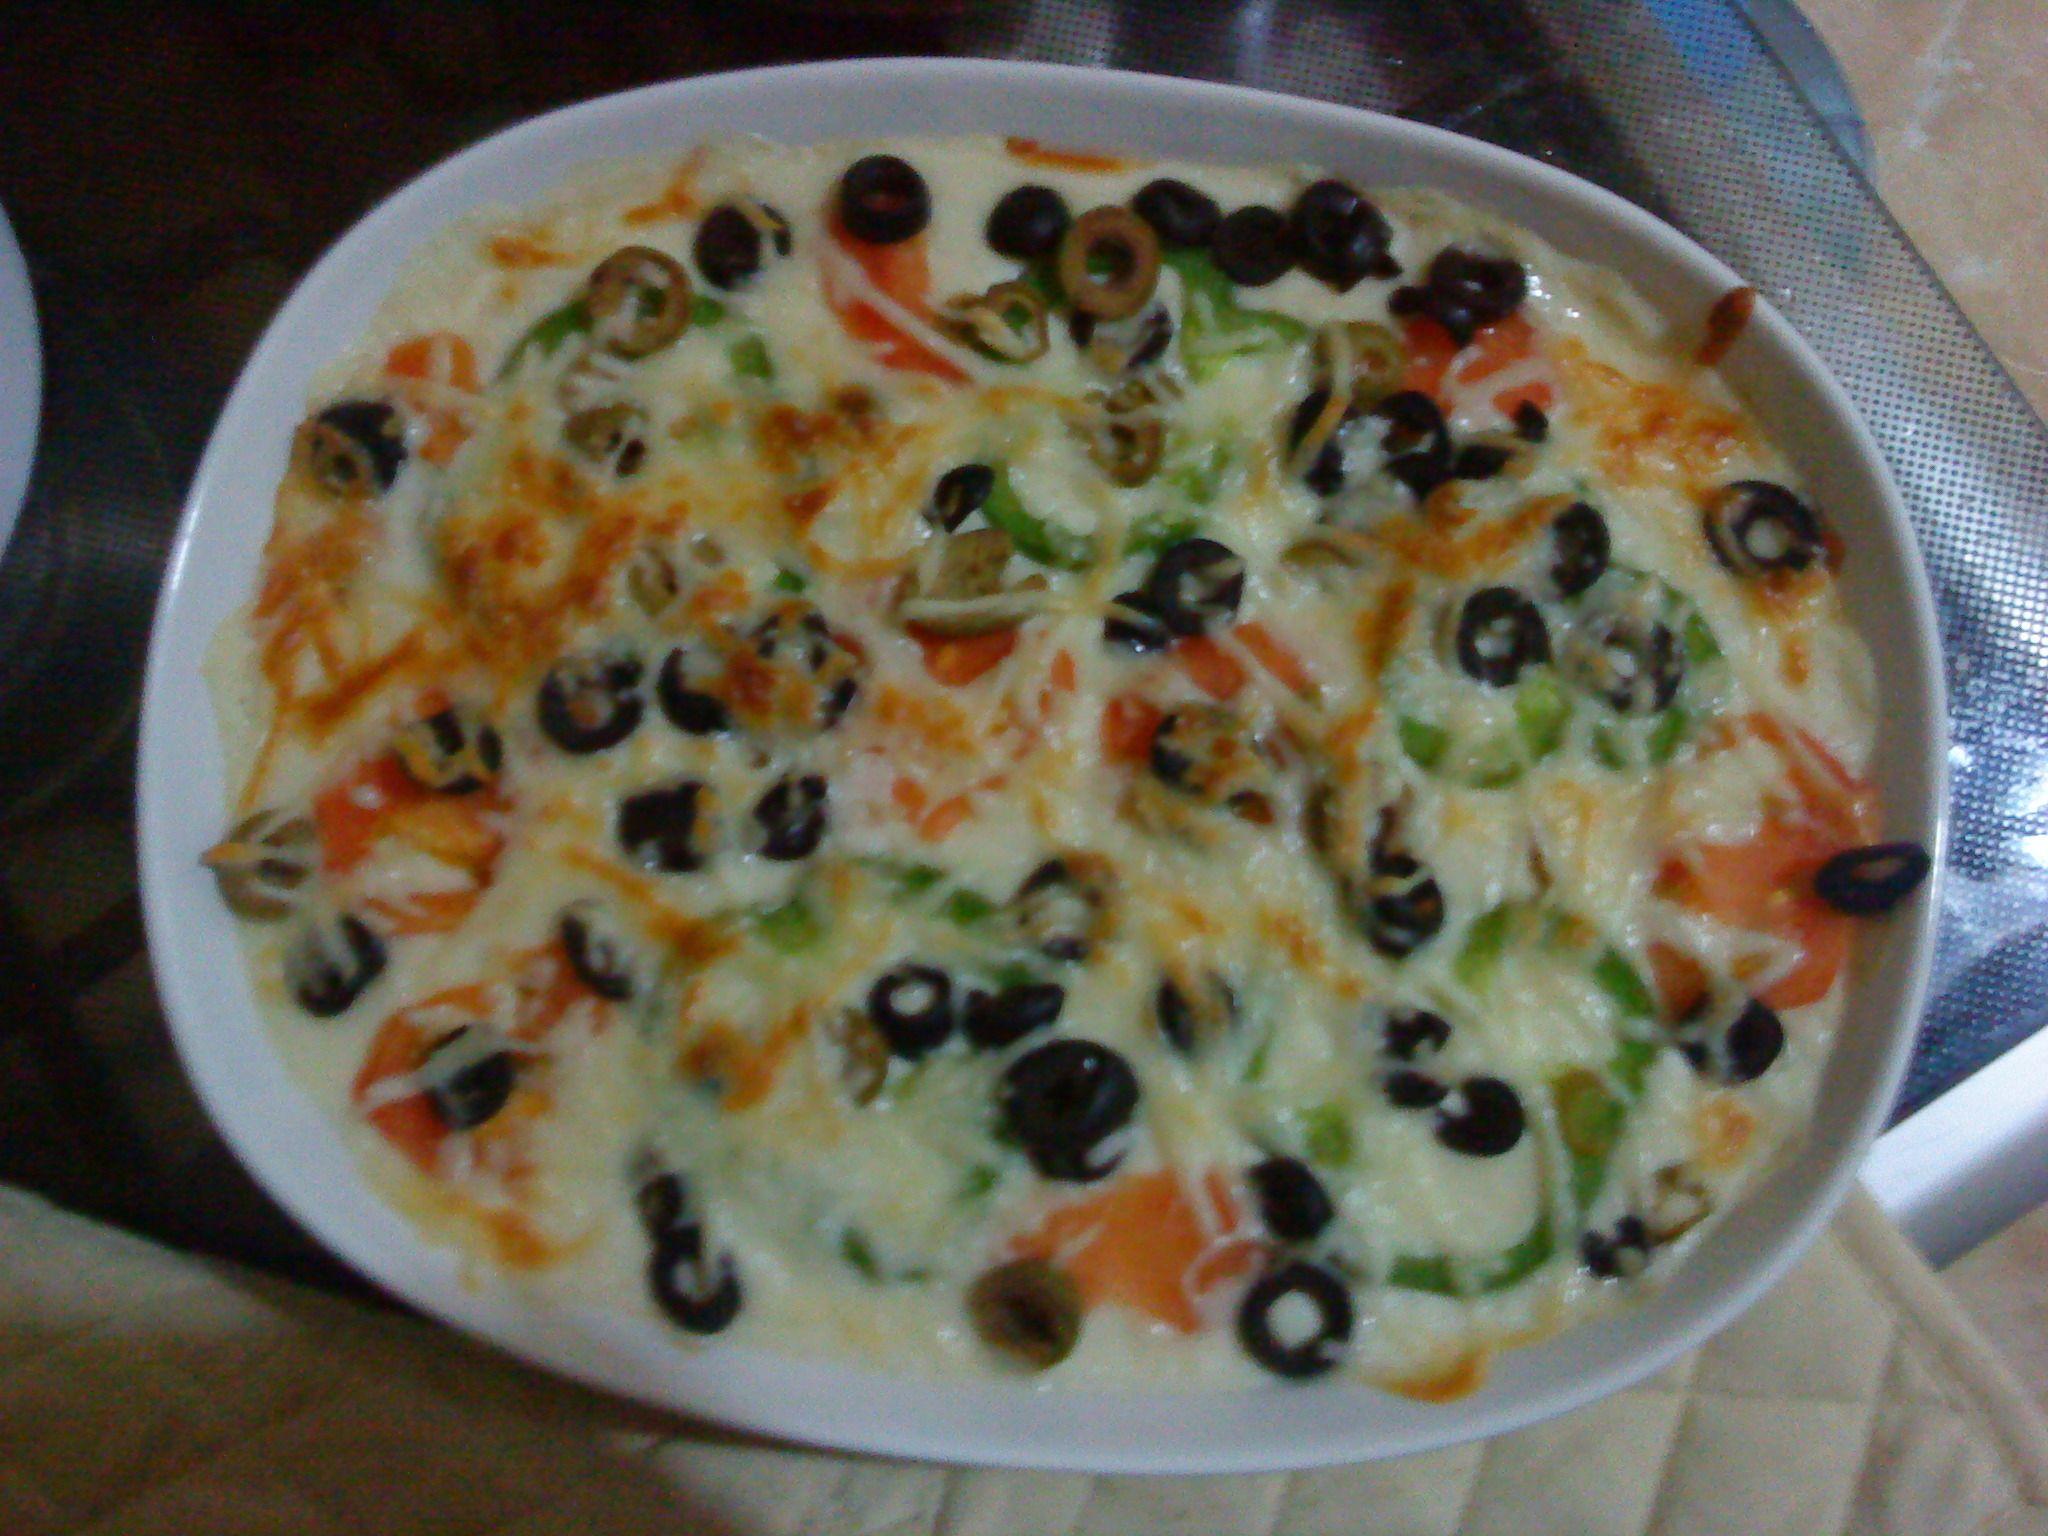 طريقة عمل مكرونة البيتزا بـ تكتيكات مختلفة